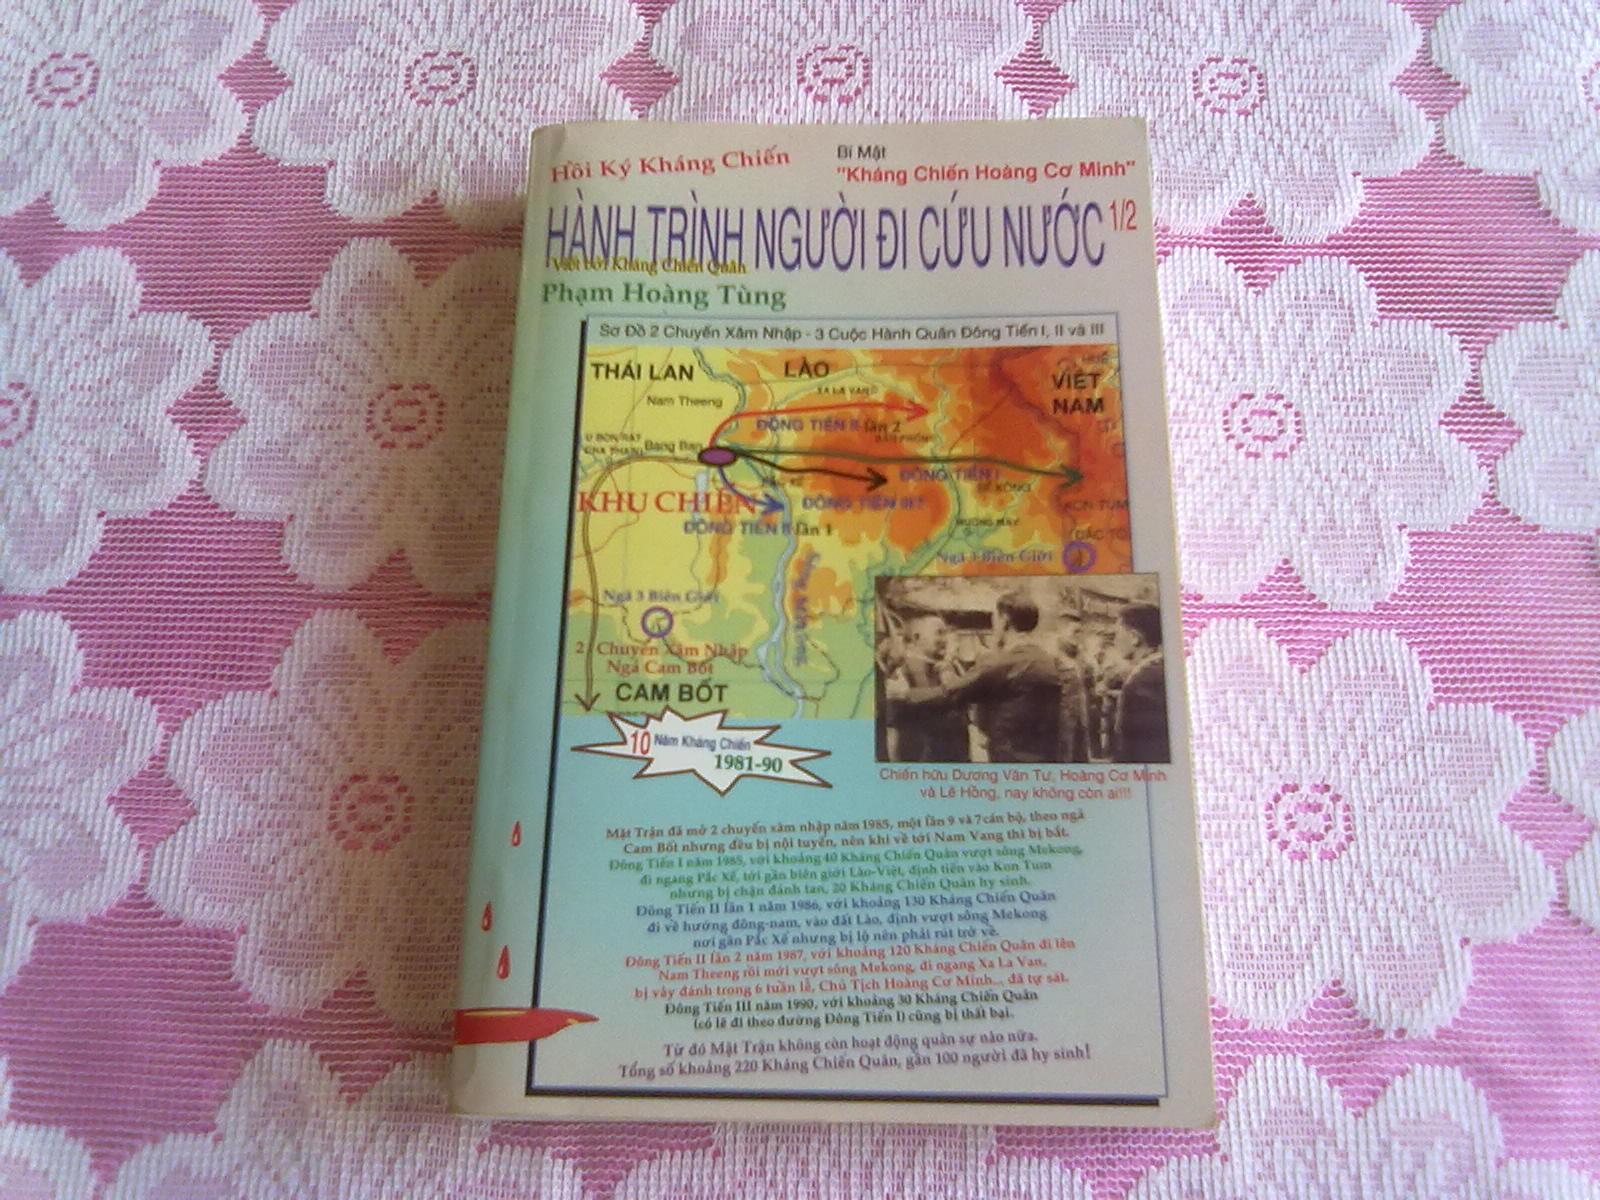 Hình Bìa Trước Quyển 1 & Hồi Ký Hành Trình NgườI Đi Cứu Nước